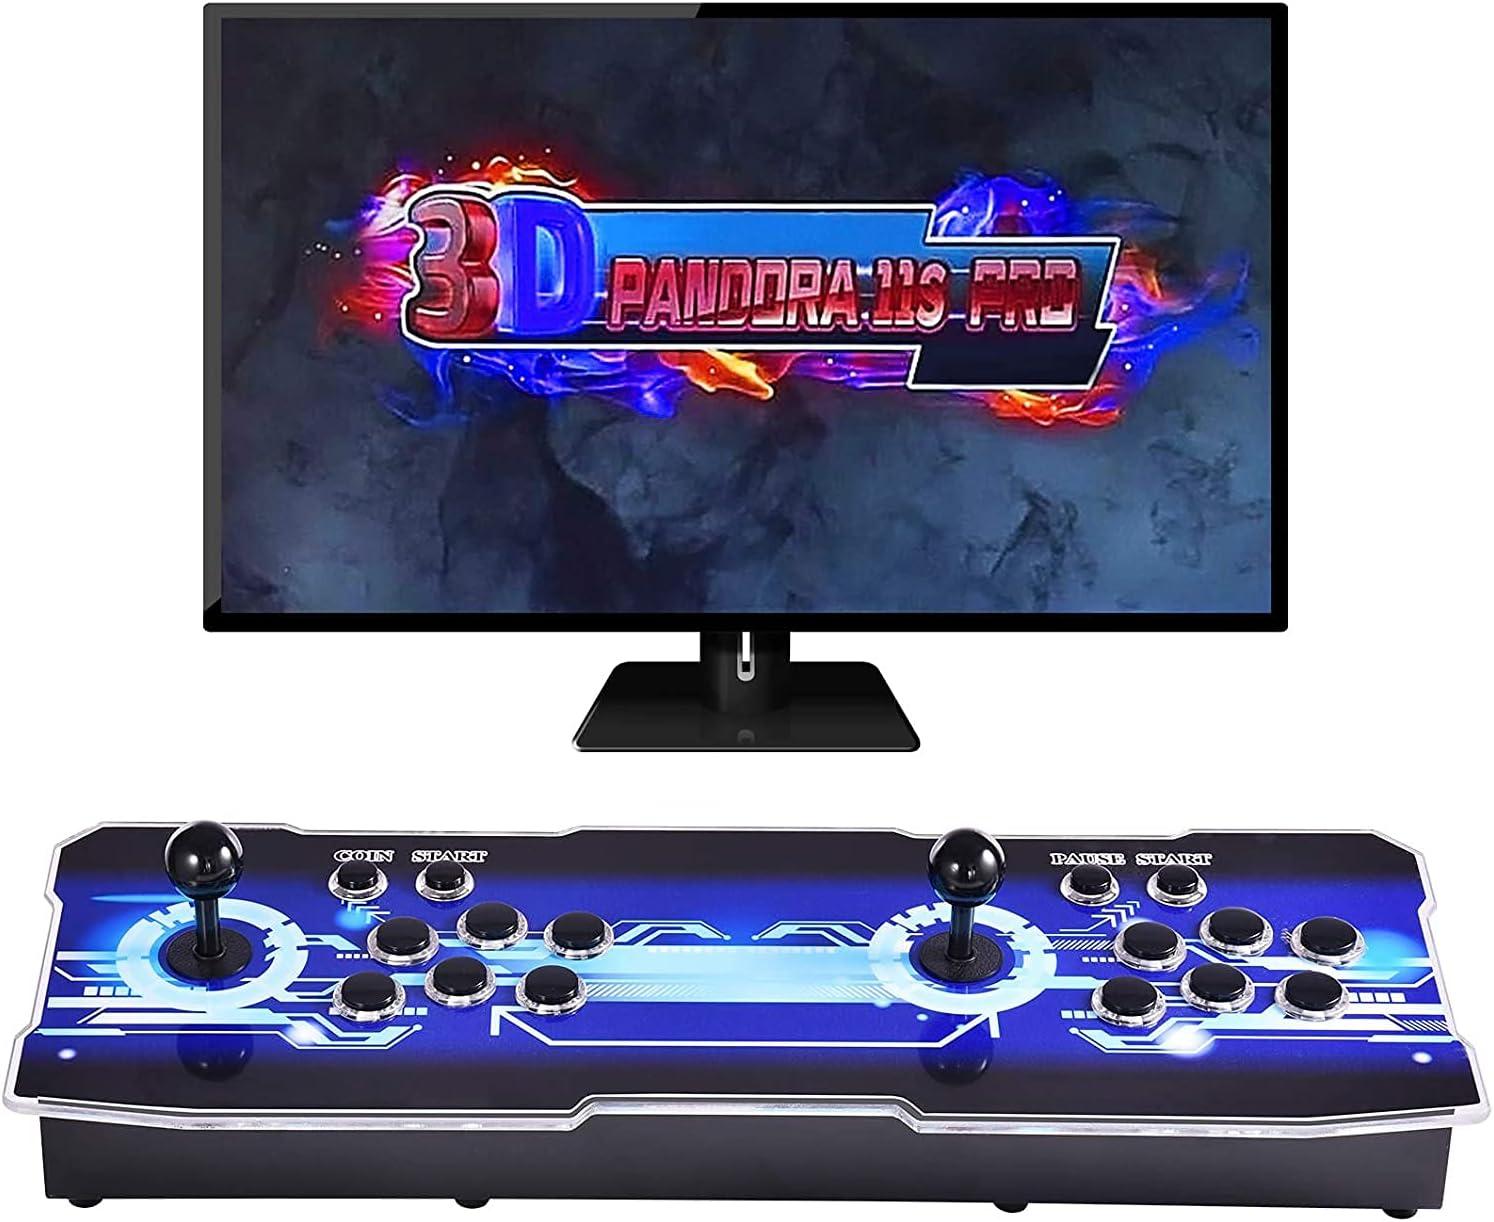 OneV FT [3333 Juegos en 1] Actualización de la consola de juegos Arcade WiFi Full HD Retro-Video Consola de juegos Arcade 2 jugadores 3D Pandora Box con 3333 Juegos Retro para PC/portátil/TV/PS3